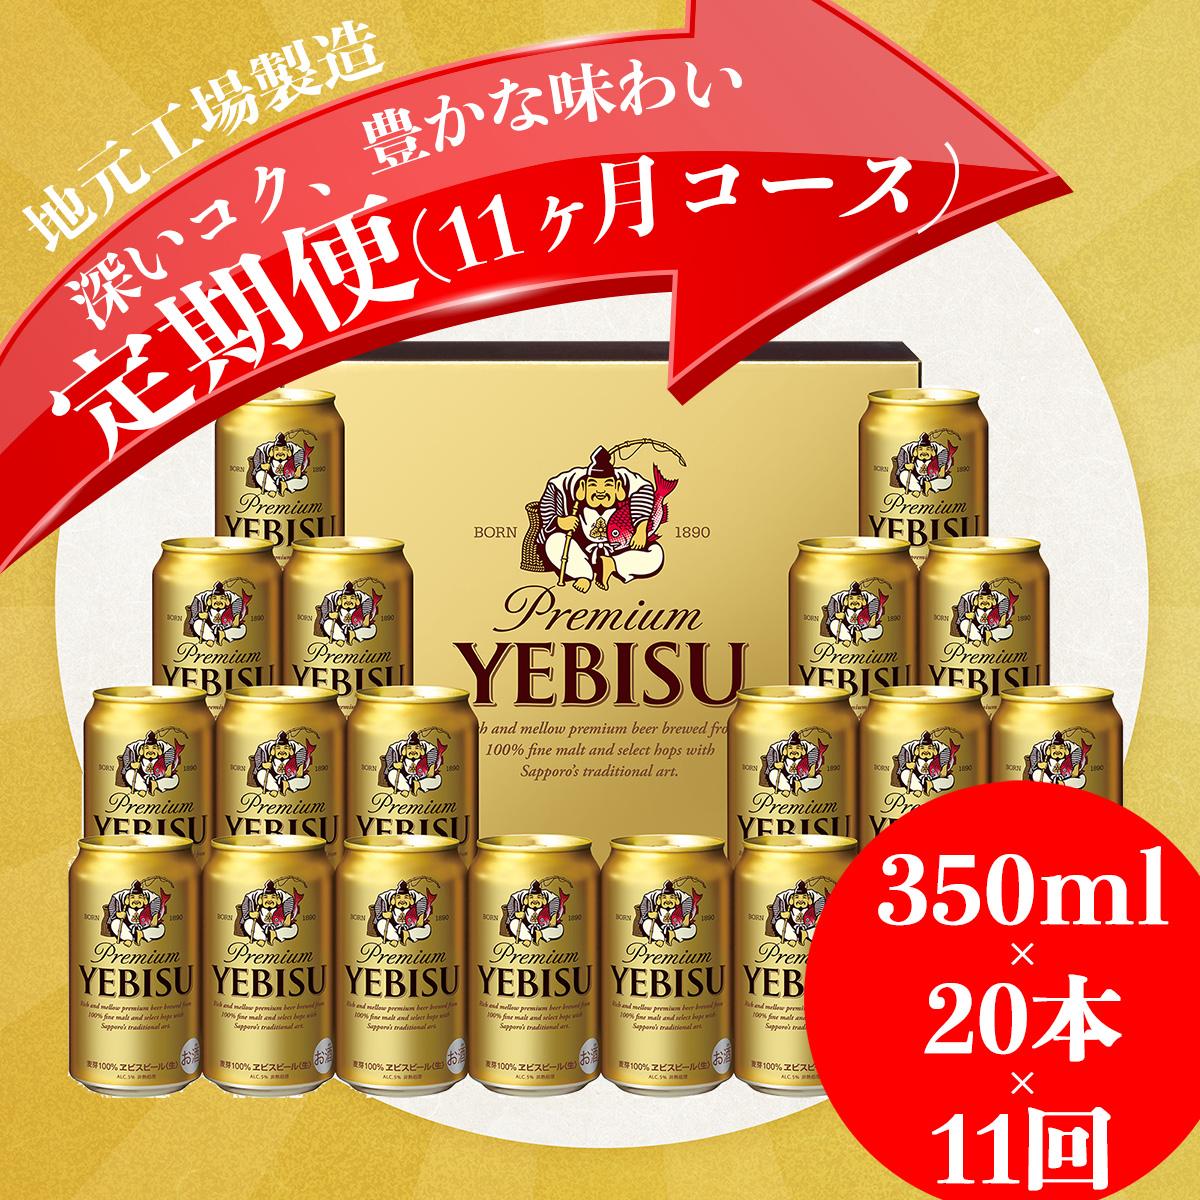 【ふるさと納税】地元名取生産 ヱビスビール 350ml 20缶 ギフトセット定期便(11ヶ月コース)